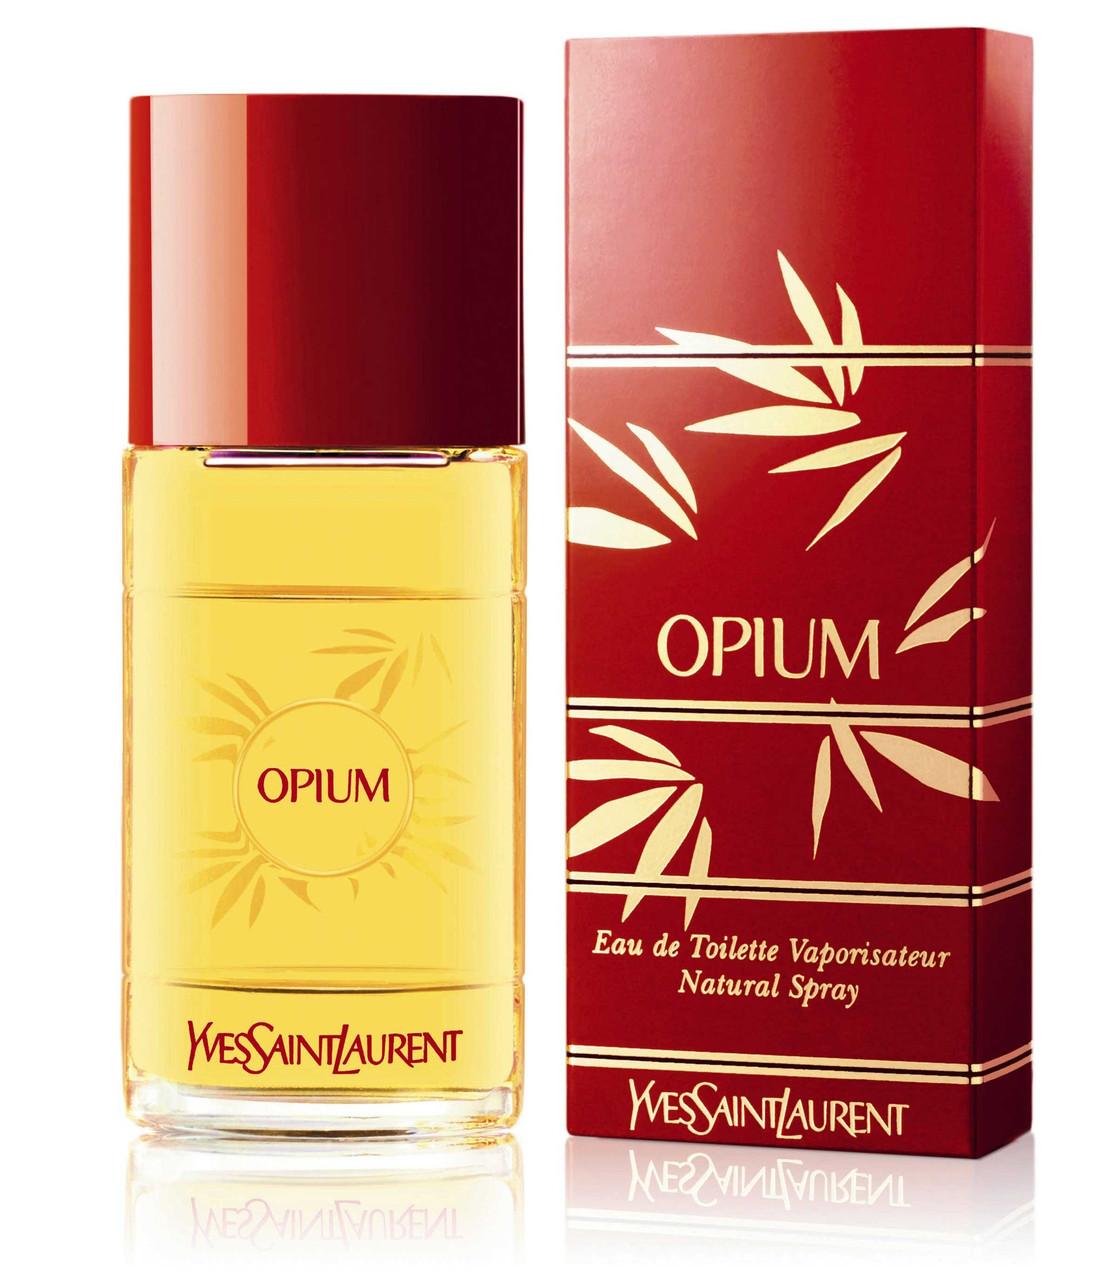 Yves Saint Laurent Opium Eau de Toilette Vaporisateur туалетная вода 100 ml. (Ив Сен Лоран Опиум Туалет)